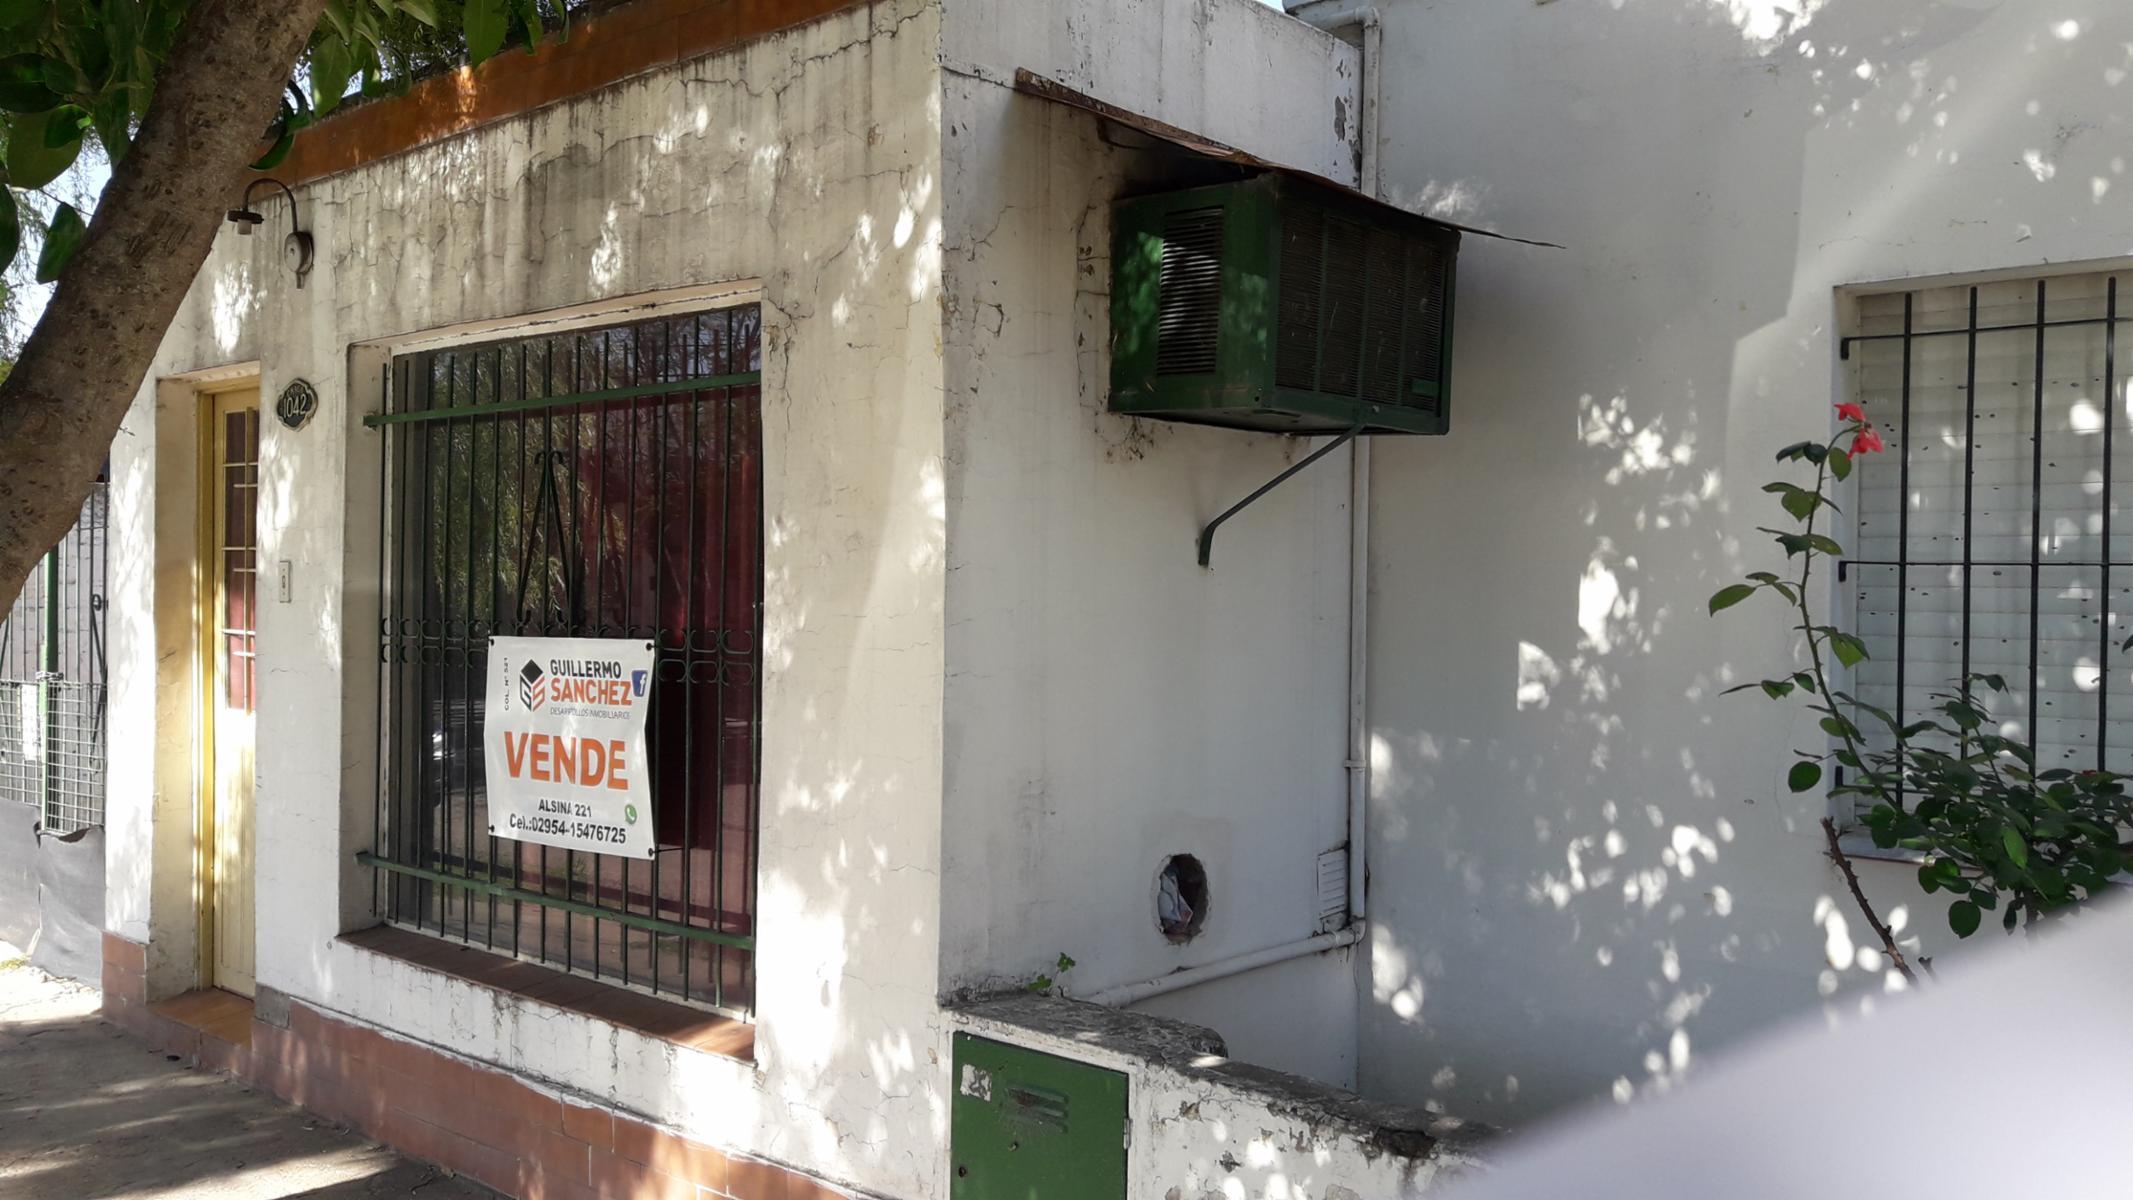 Terreno calle Chaco 1042, Guillermo Sanchez Desarrollos Inmobiliarios